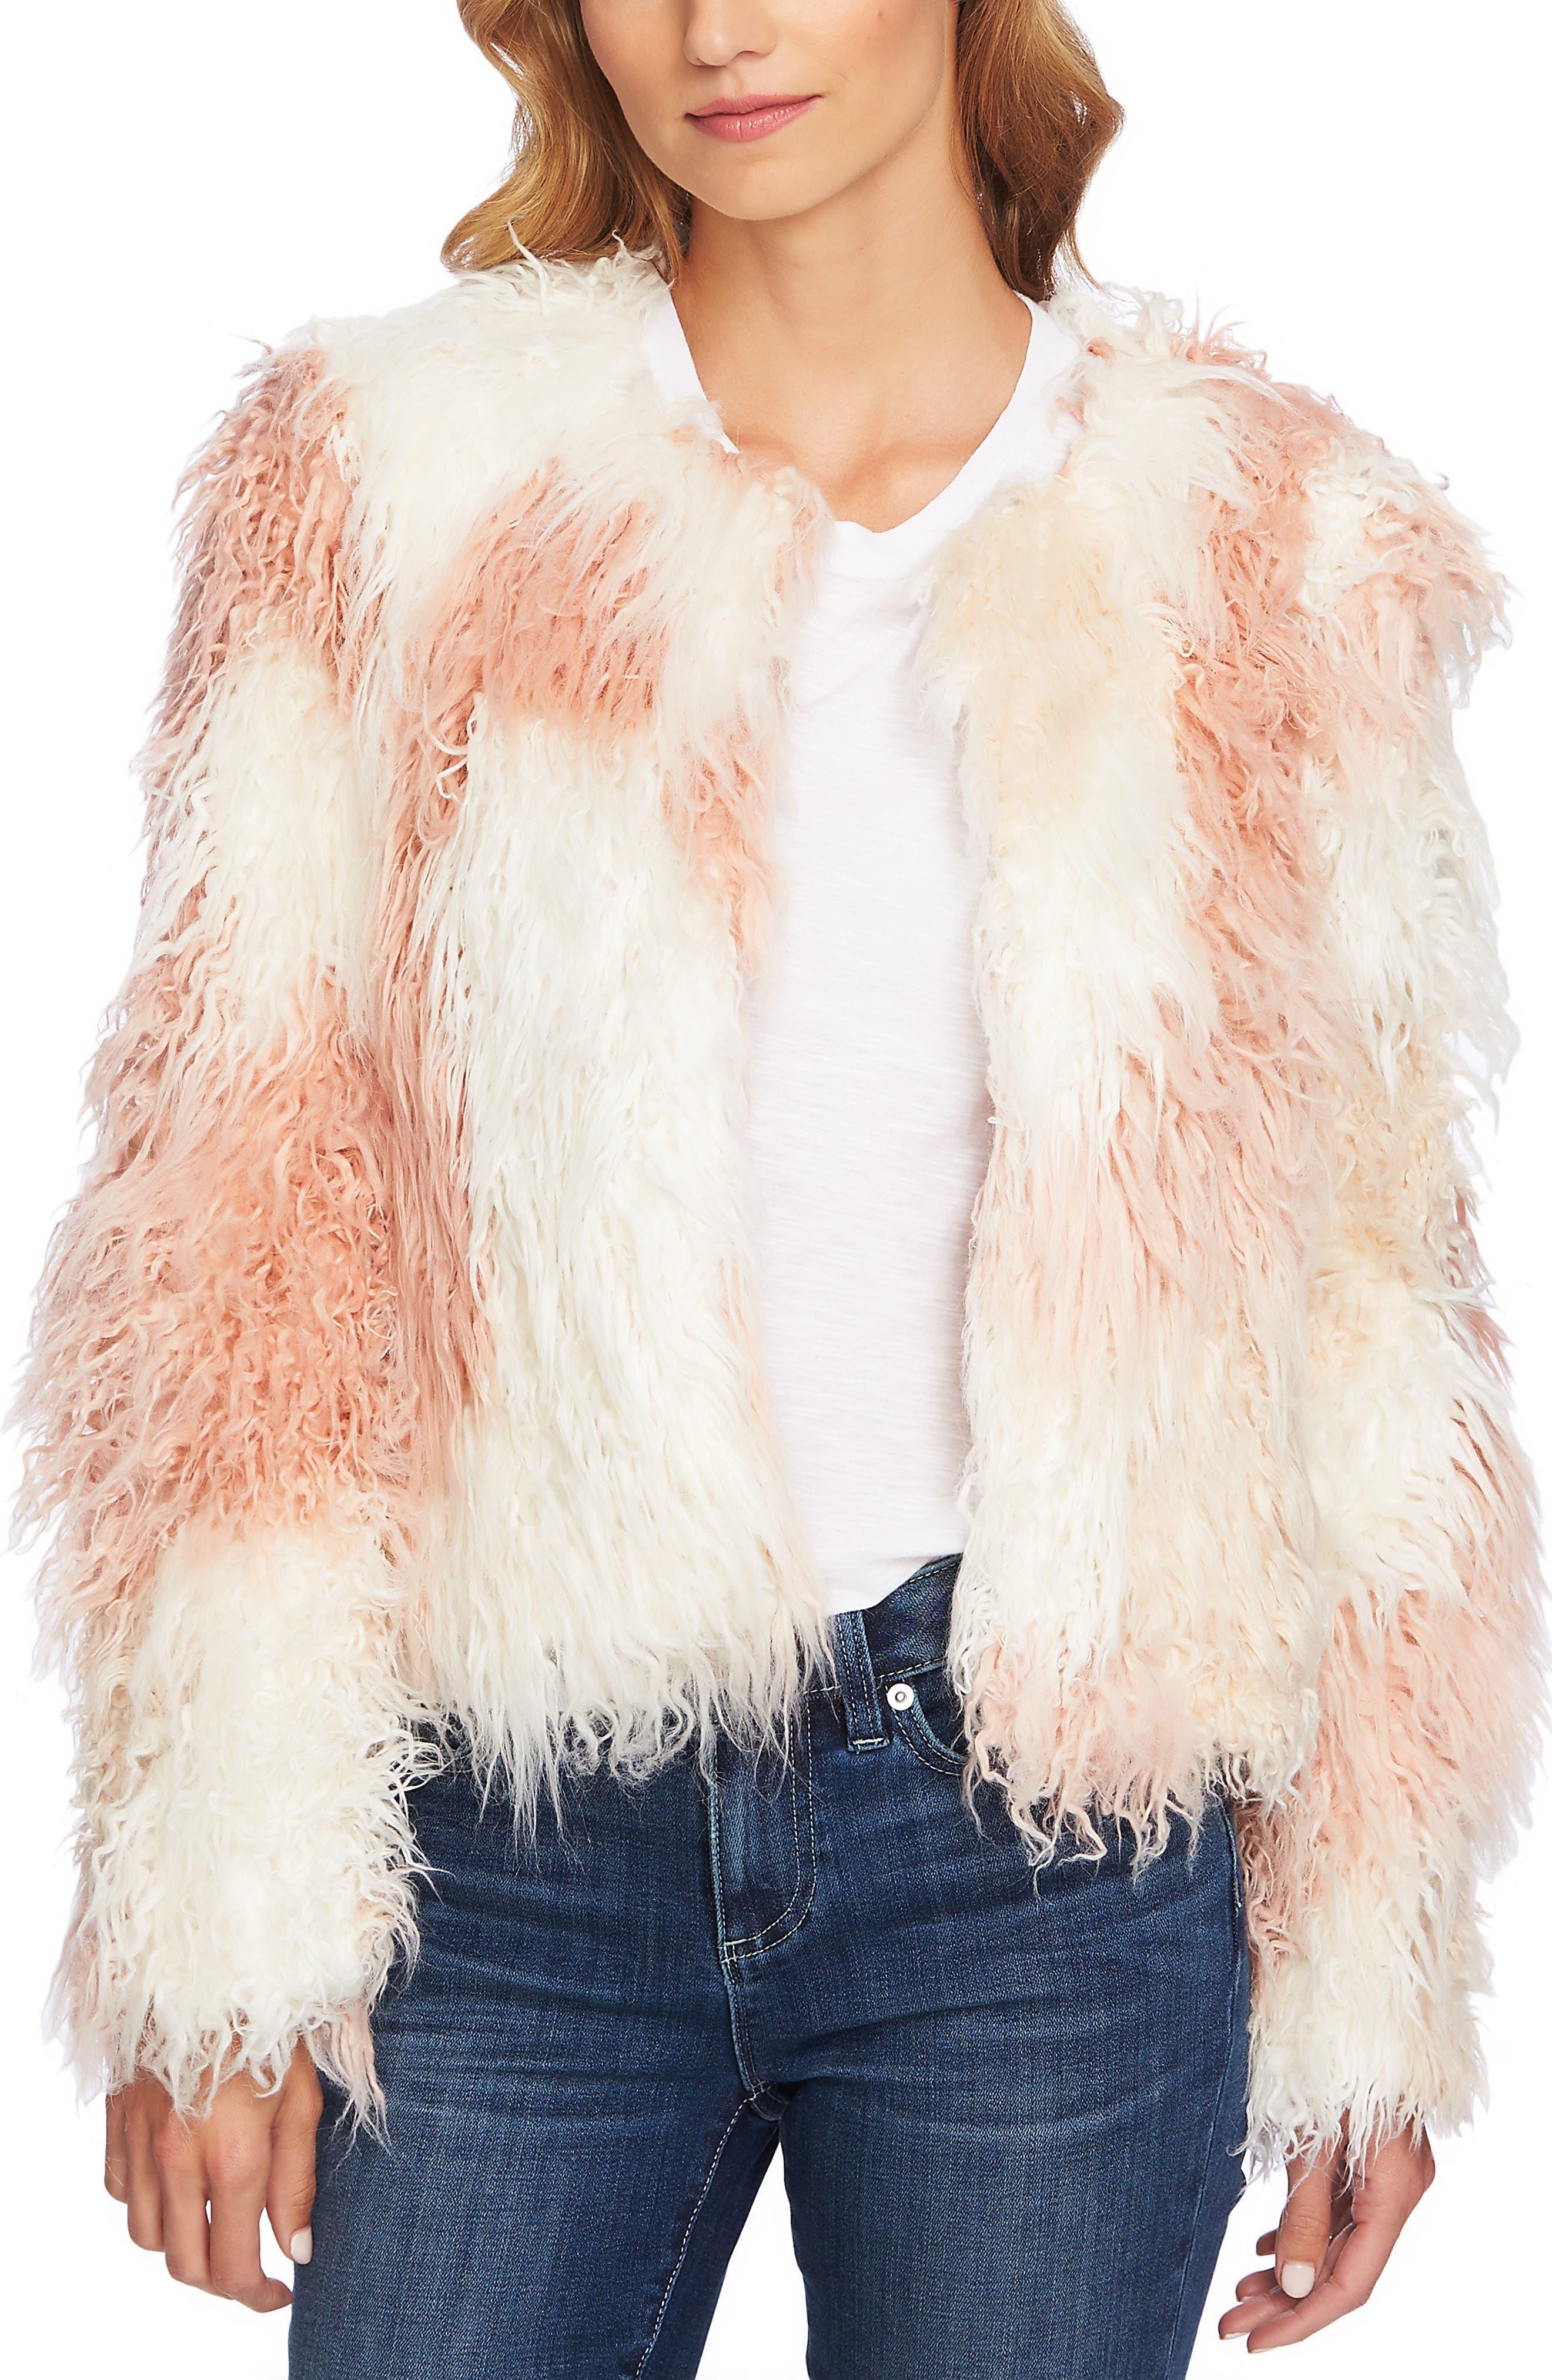 Shaggy Patchwork Faux Fur Jacket,                         Main,                         color, ANTIQUE WHITE